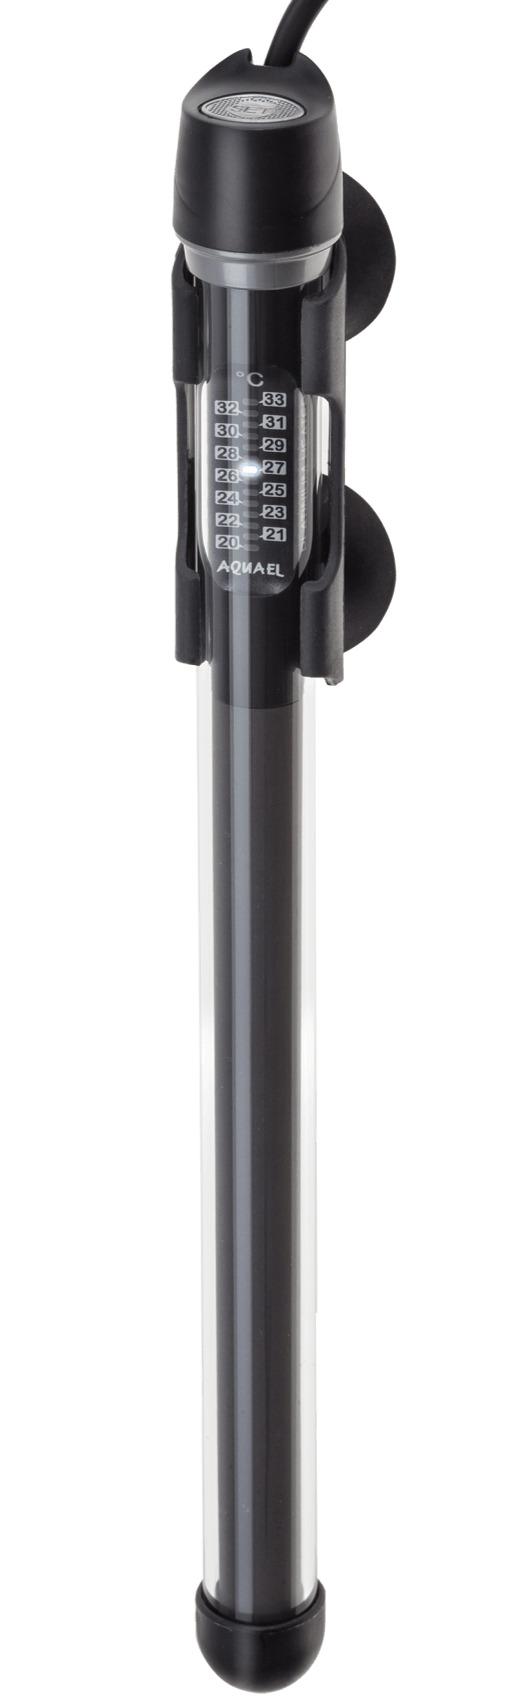 AQUAEL Platinium Heater 200W chauffage pour aquarium de 130 à 200L avec thermostat électronique intégré